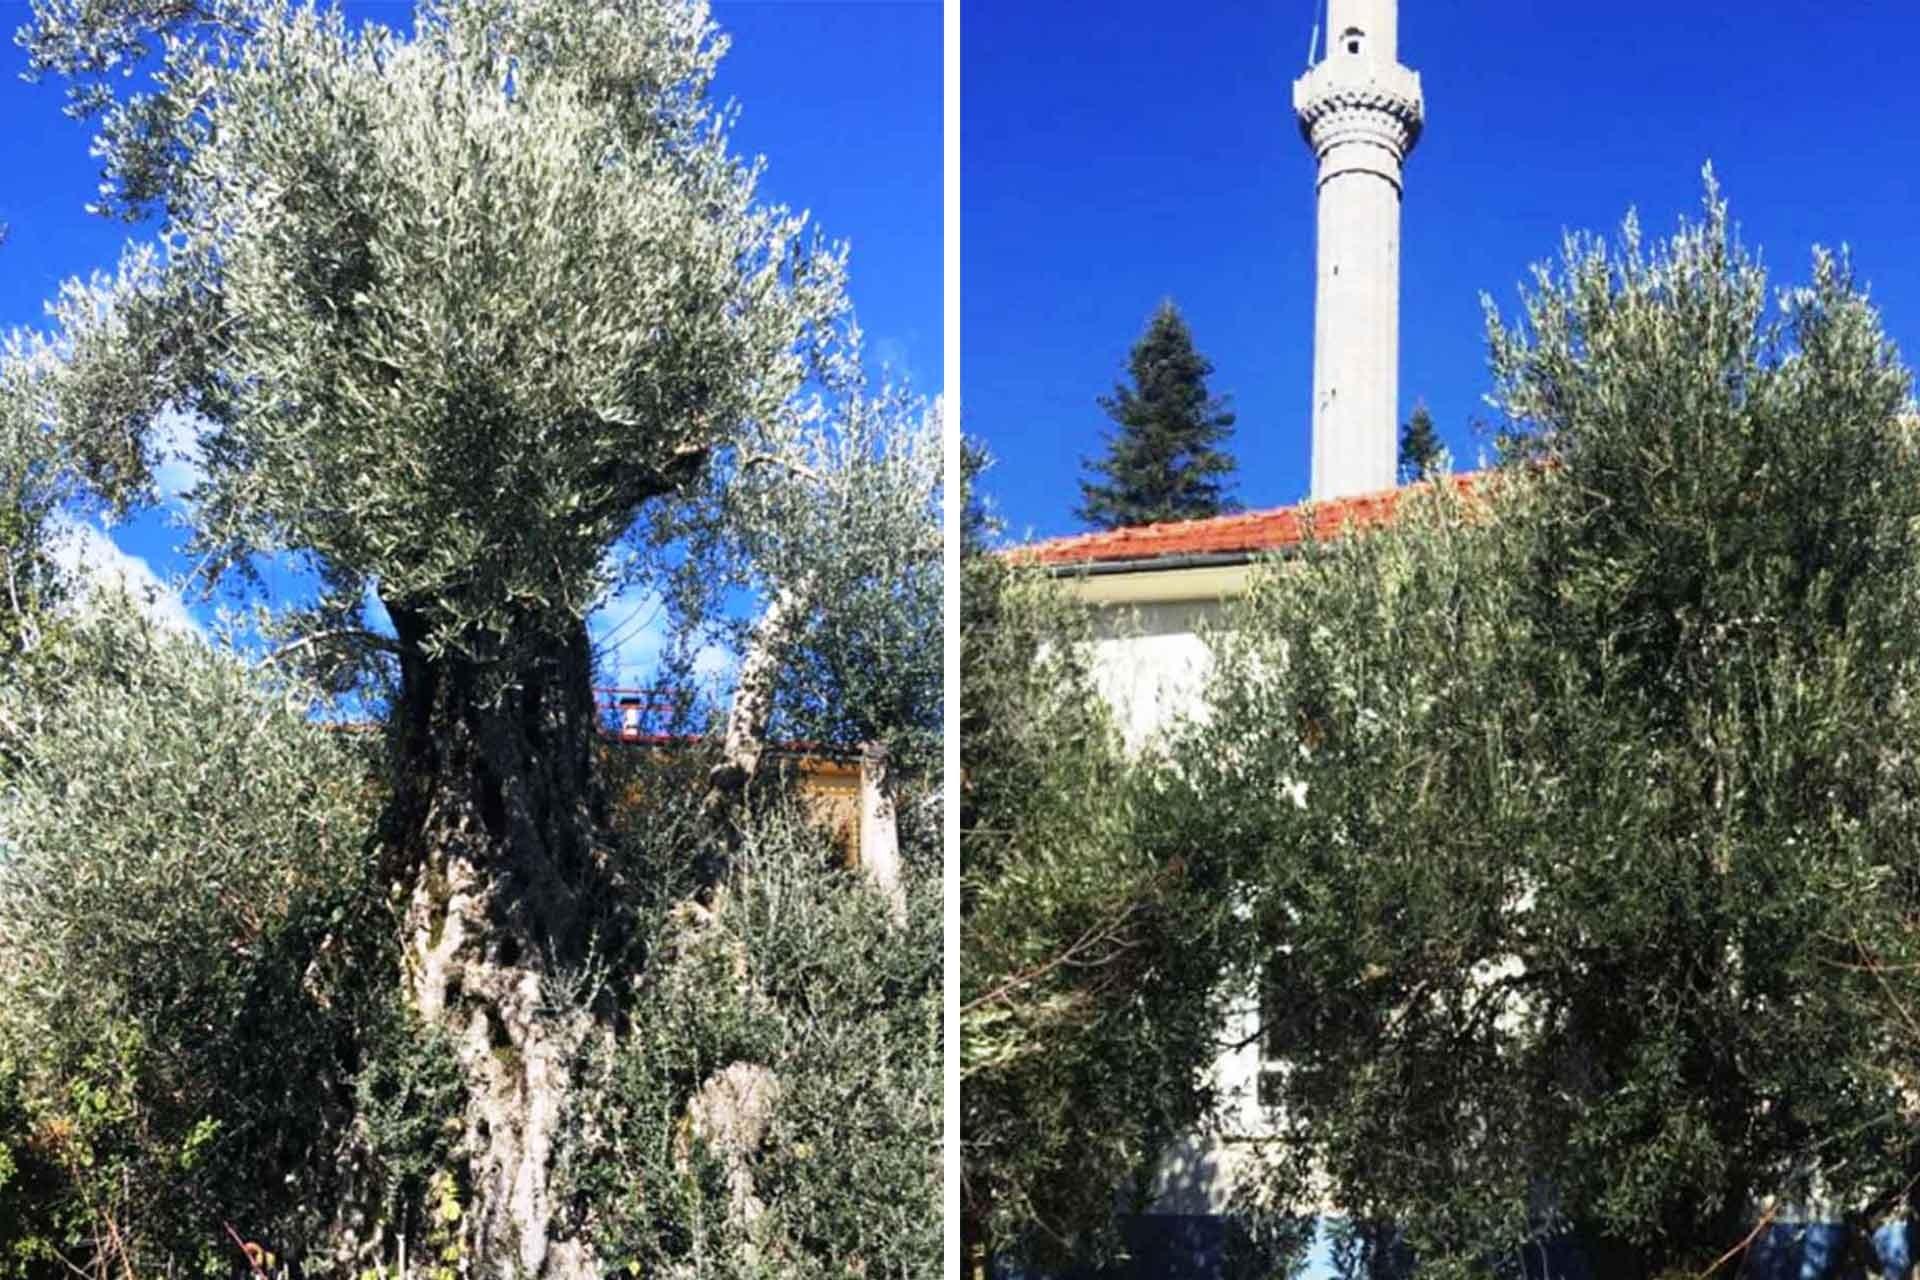 Antalya'da 11 bin zeytin ağacı mermer ocağına kurban edilecek